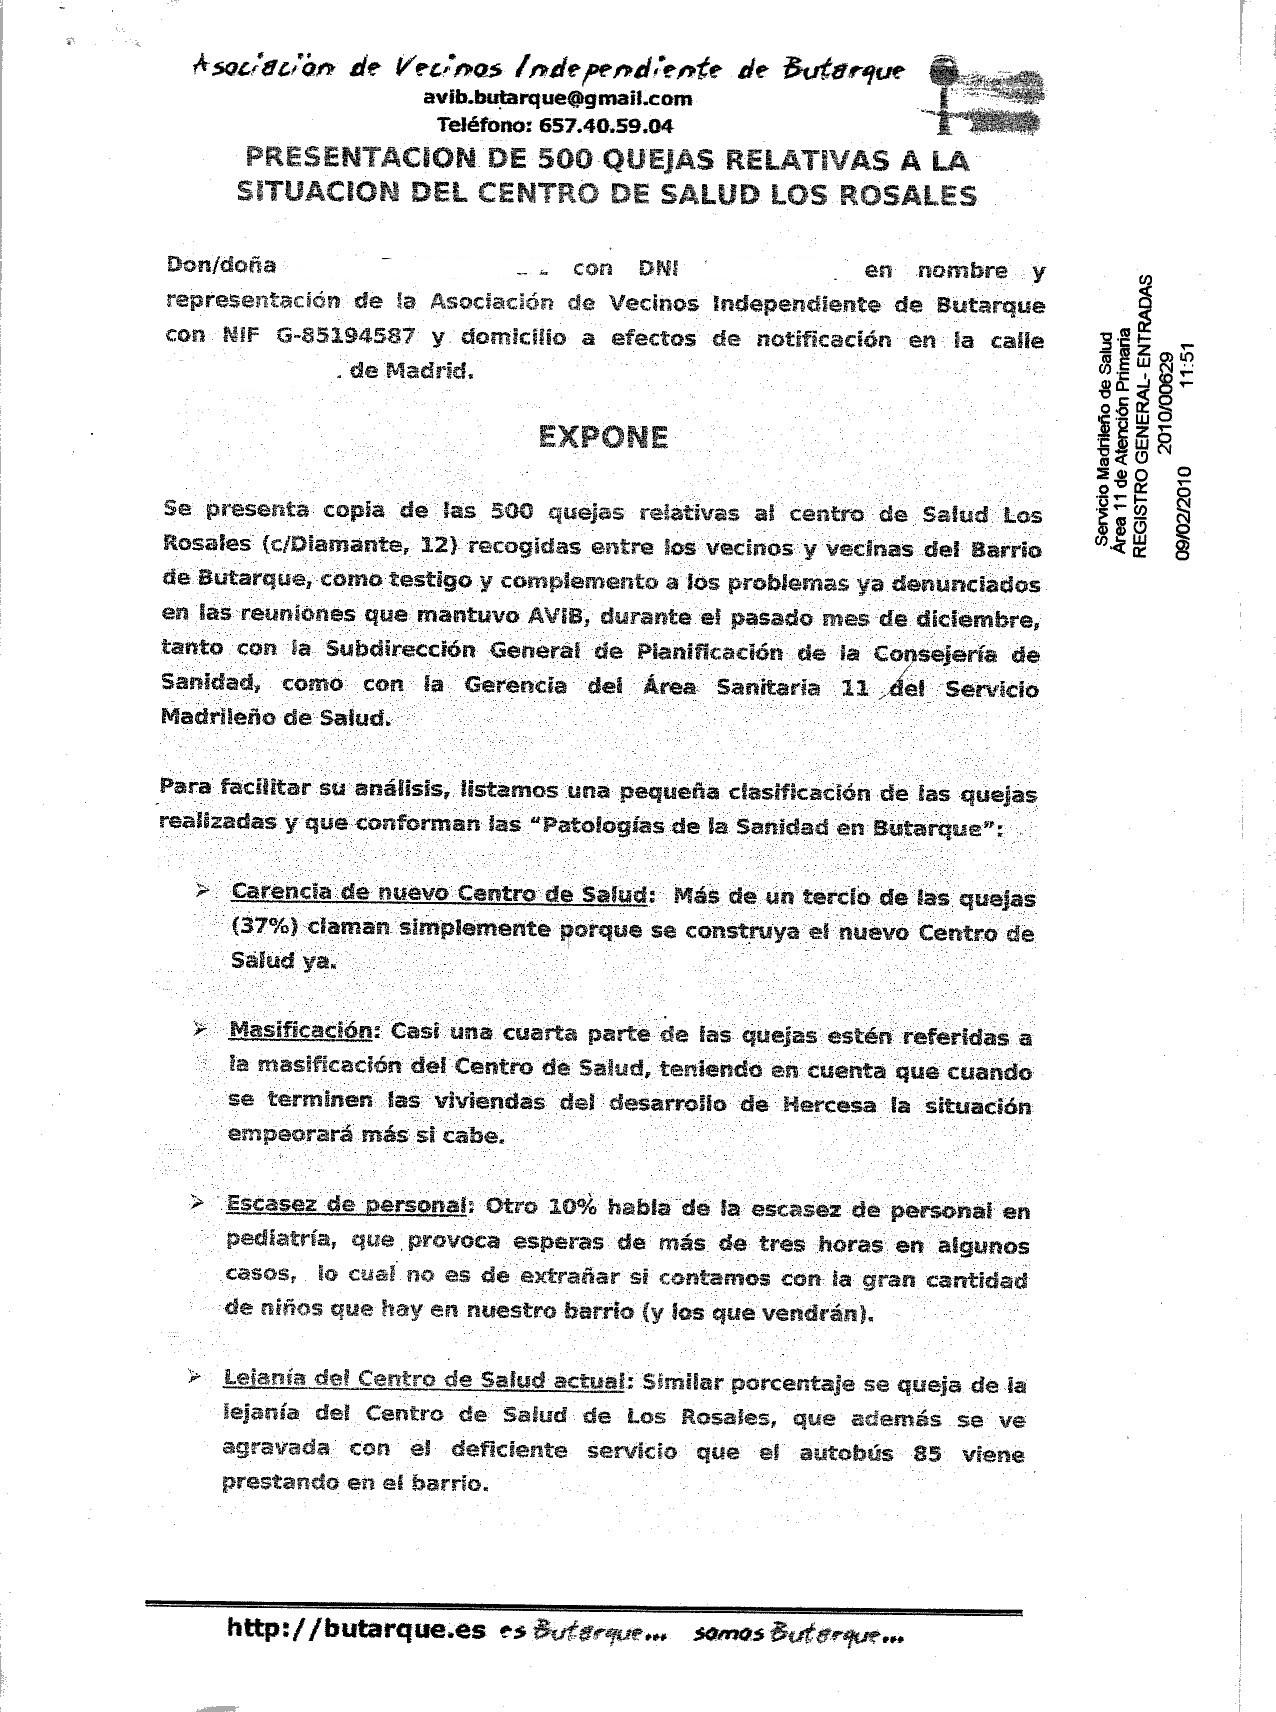 500_quejas_cs_los_rosales-2.jpg